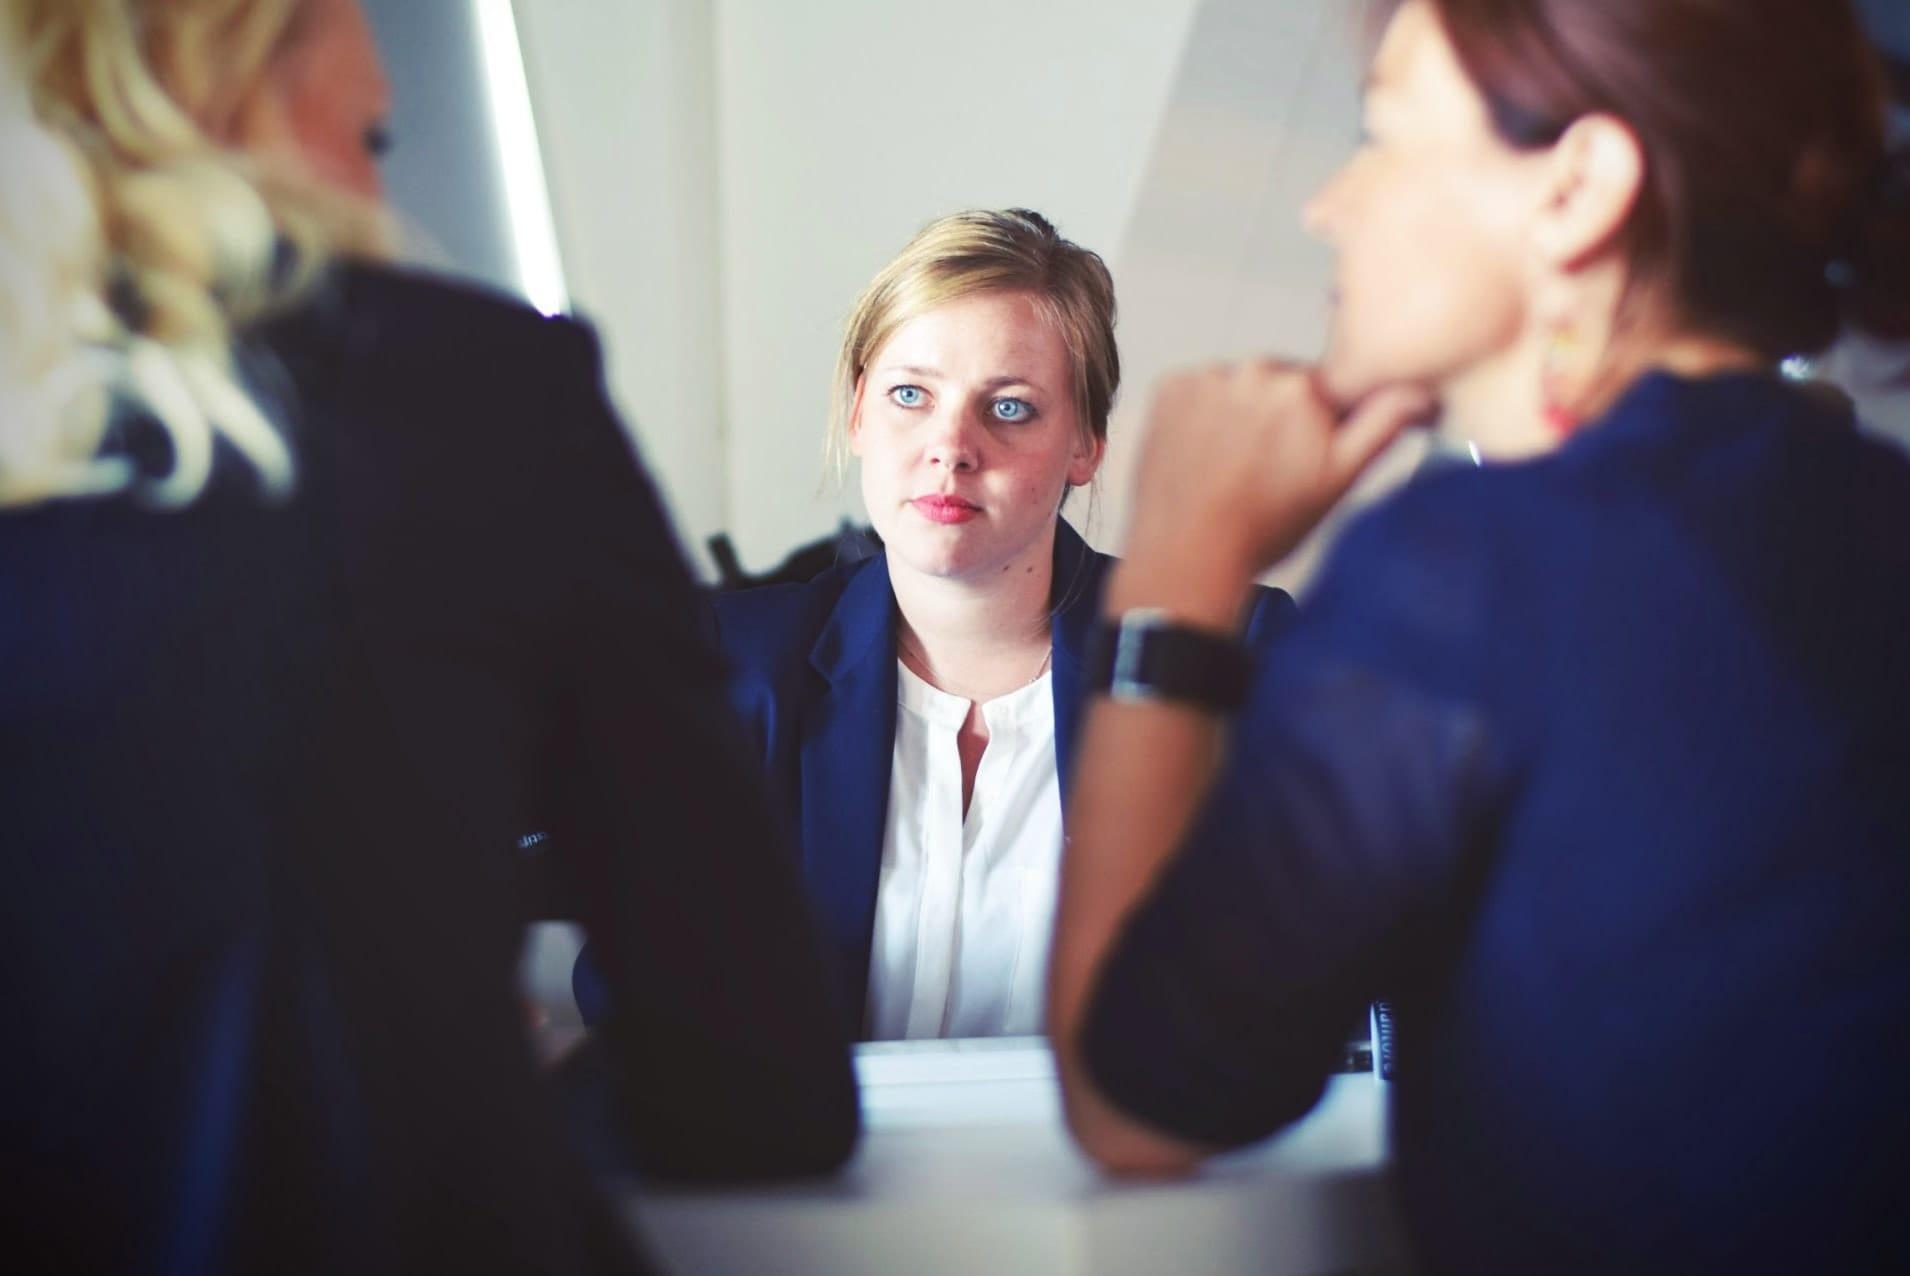 Bewerbungsgespräch einer jungen Frau